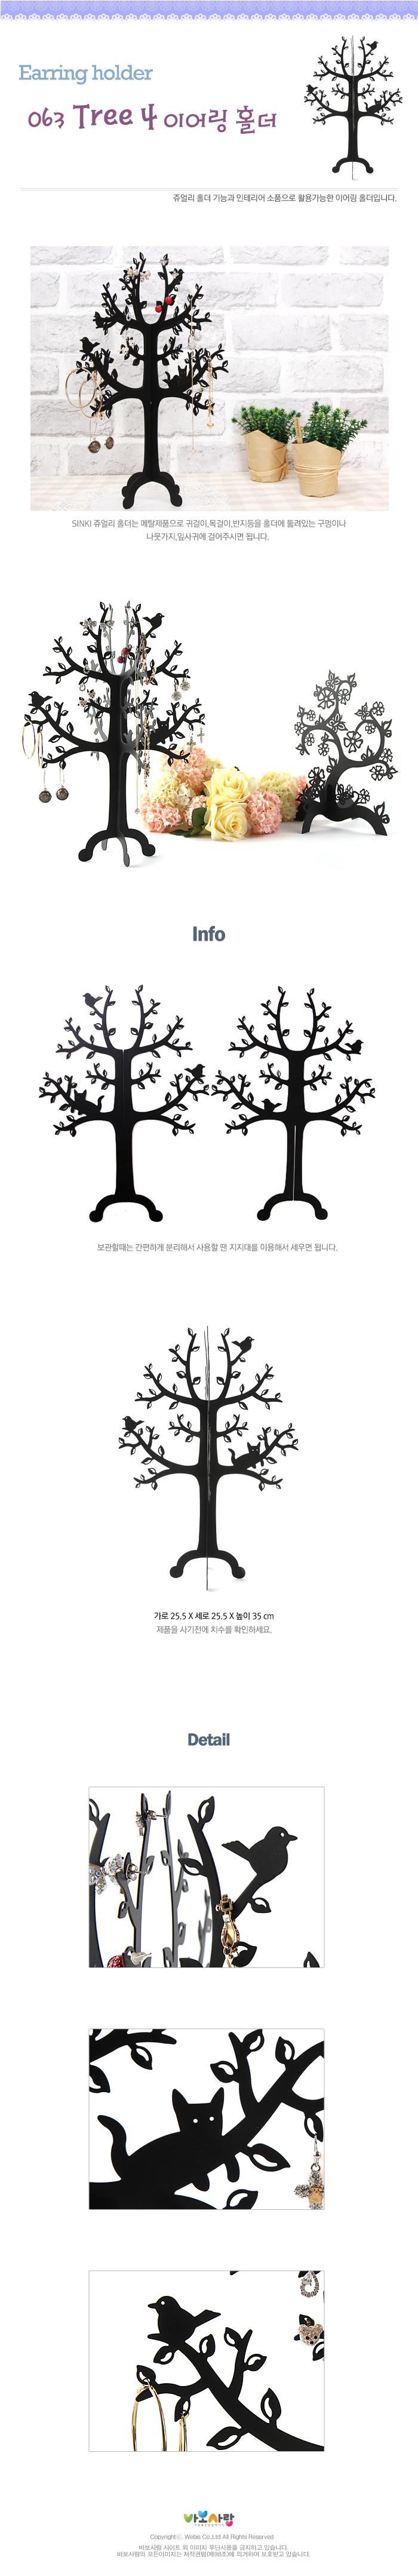 트리4 이어링홀더 - 신기, 19,800원, 보관함/진열대, 주얼리진열대